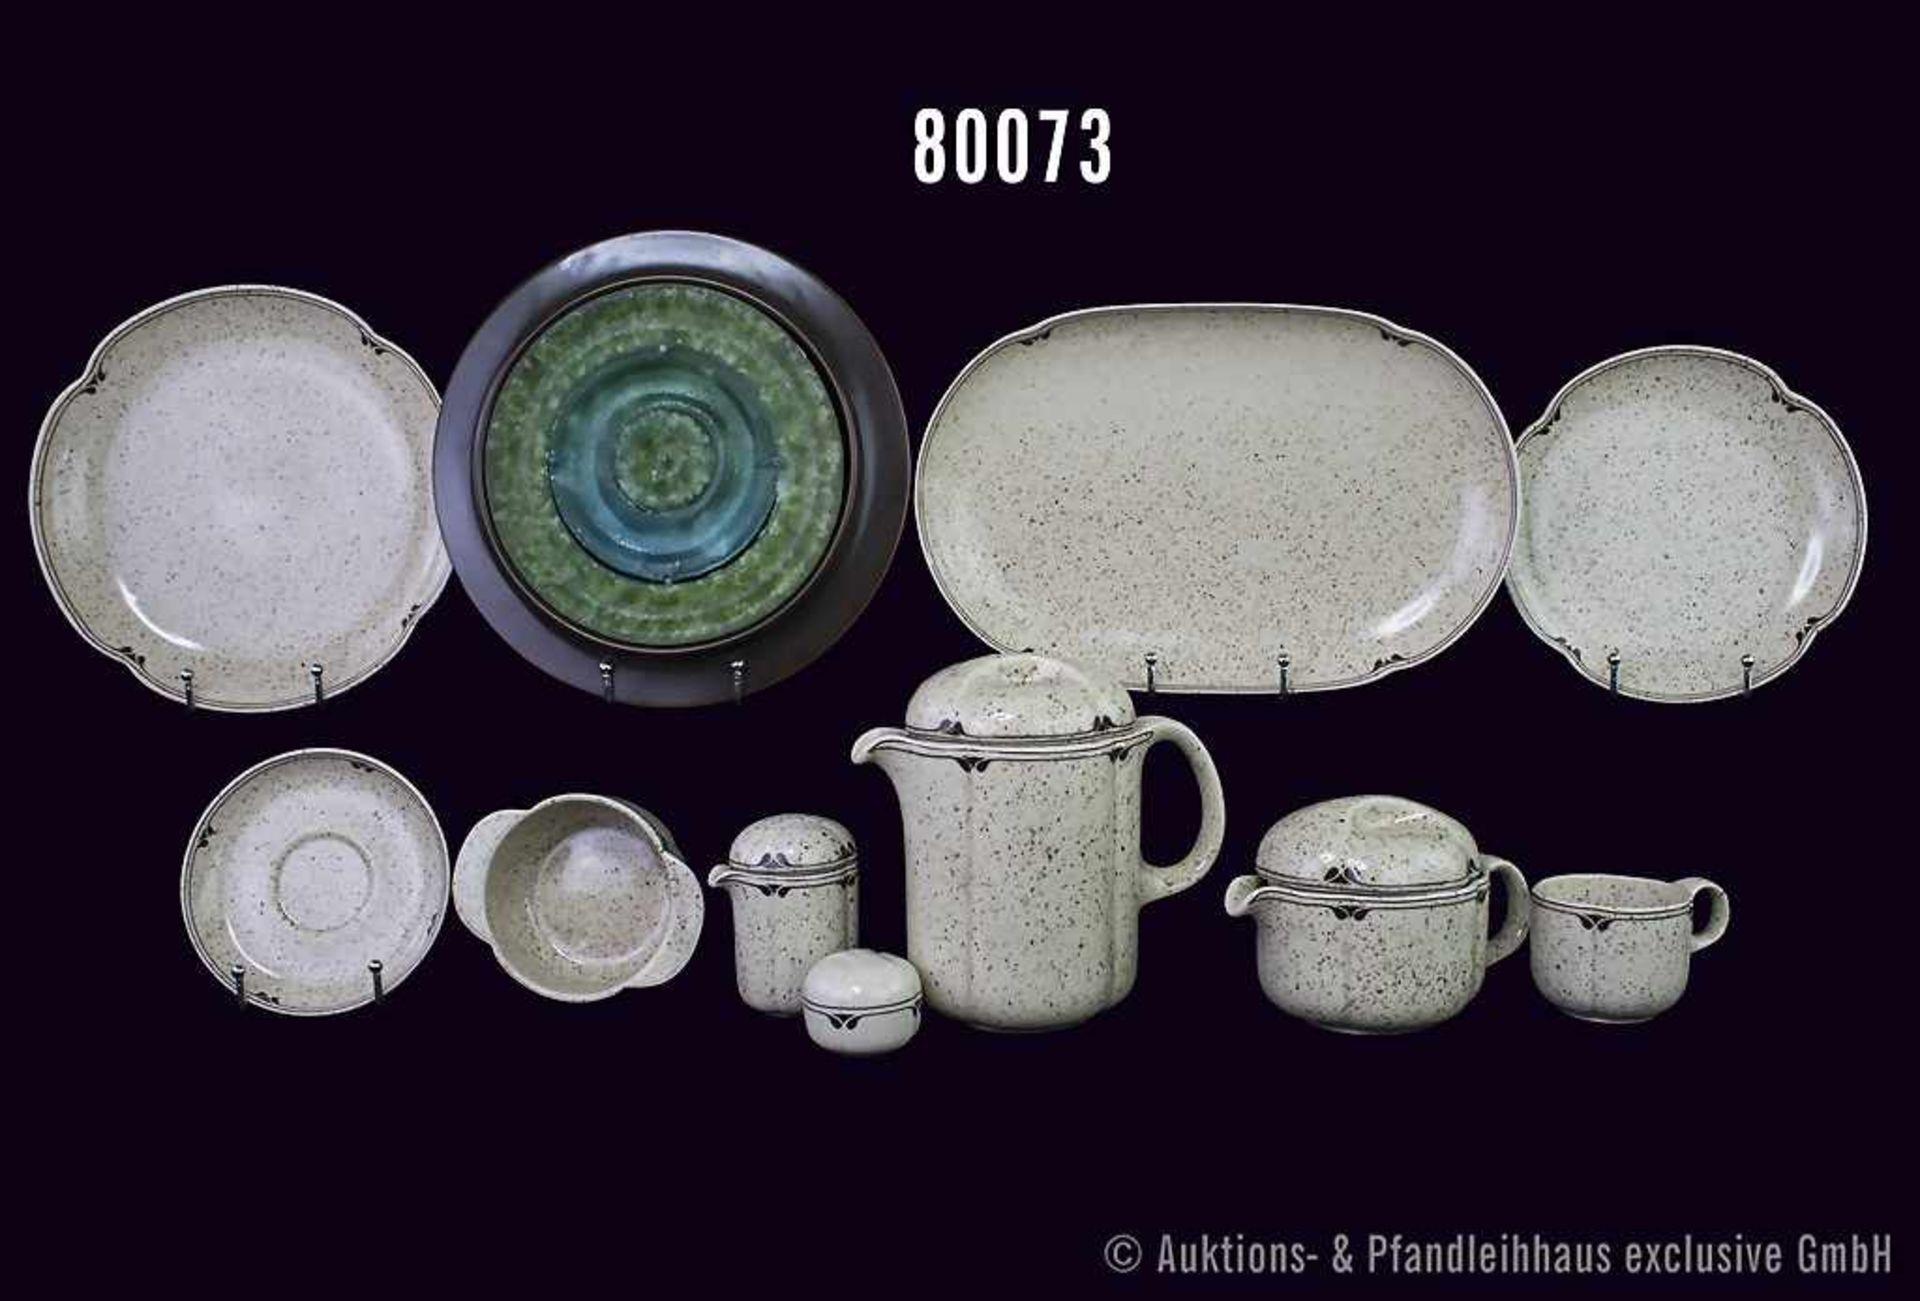 Konv. 44 Teile Rosenthal Porzellan, Ess- und Kaffee-Service, Form Terra Campagna, Dekor Steingut,